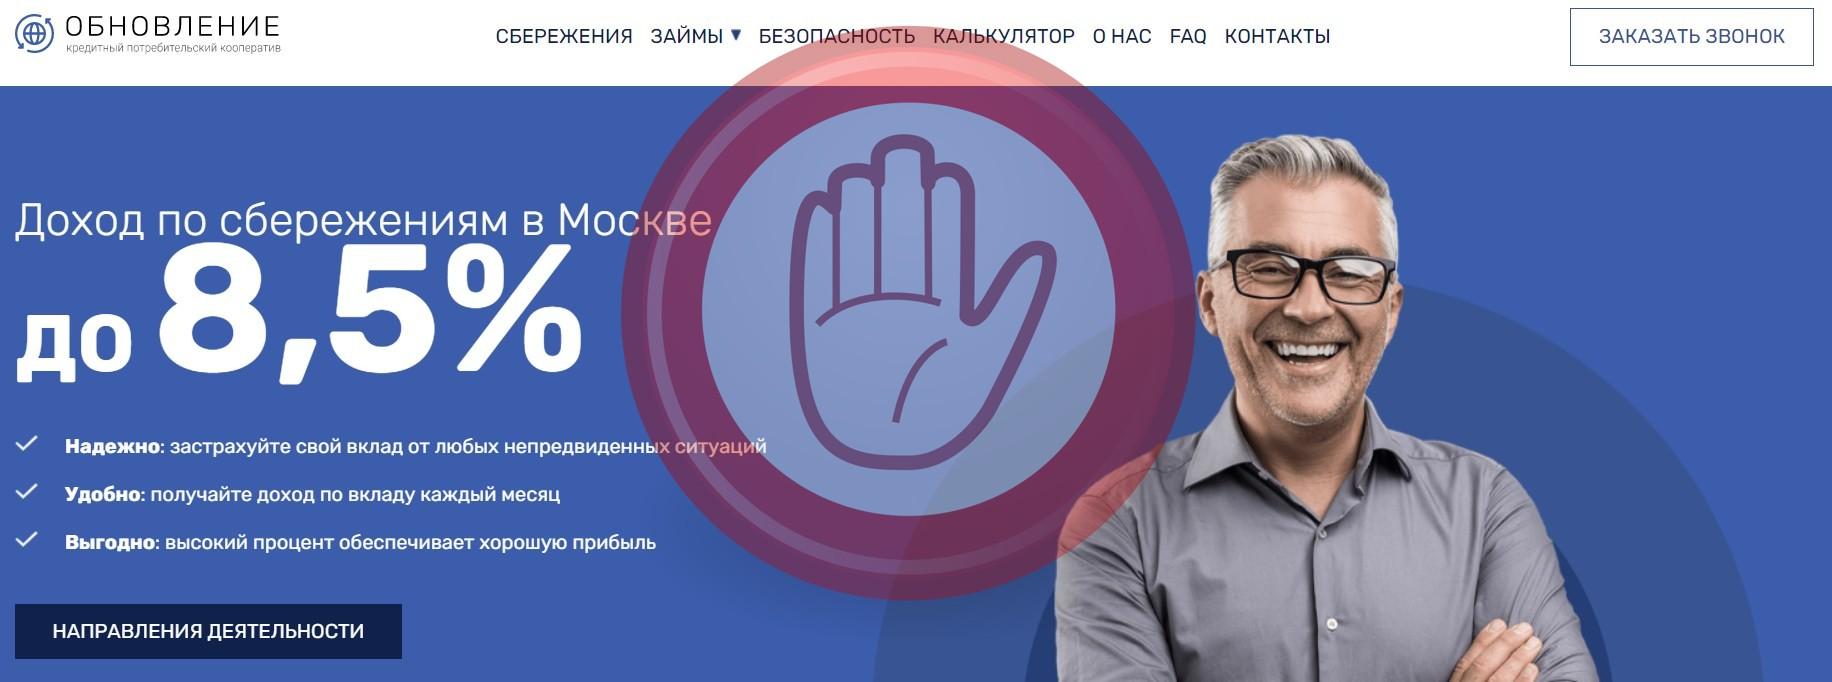 КПК Обновление, kpkobnovlenie.ru — развод от известного кооператива